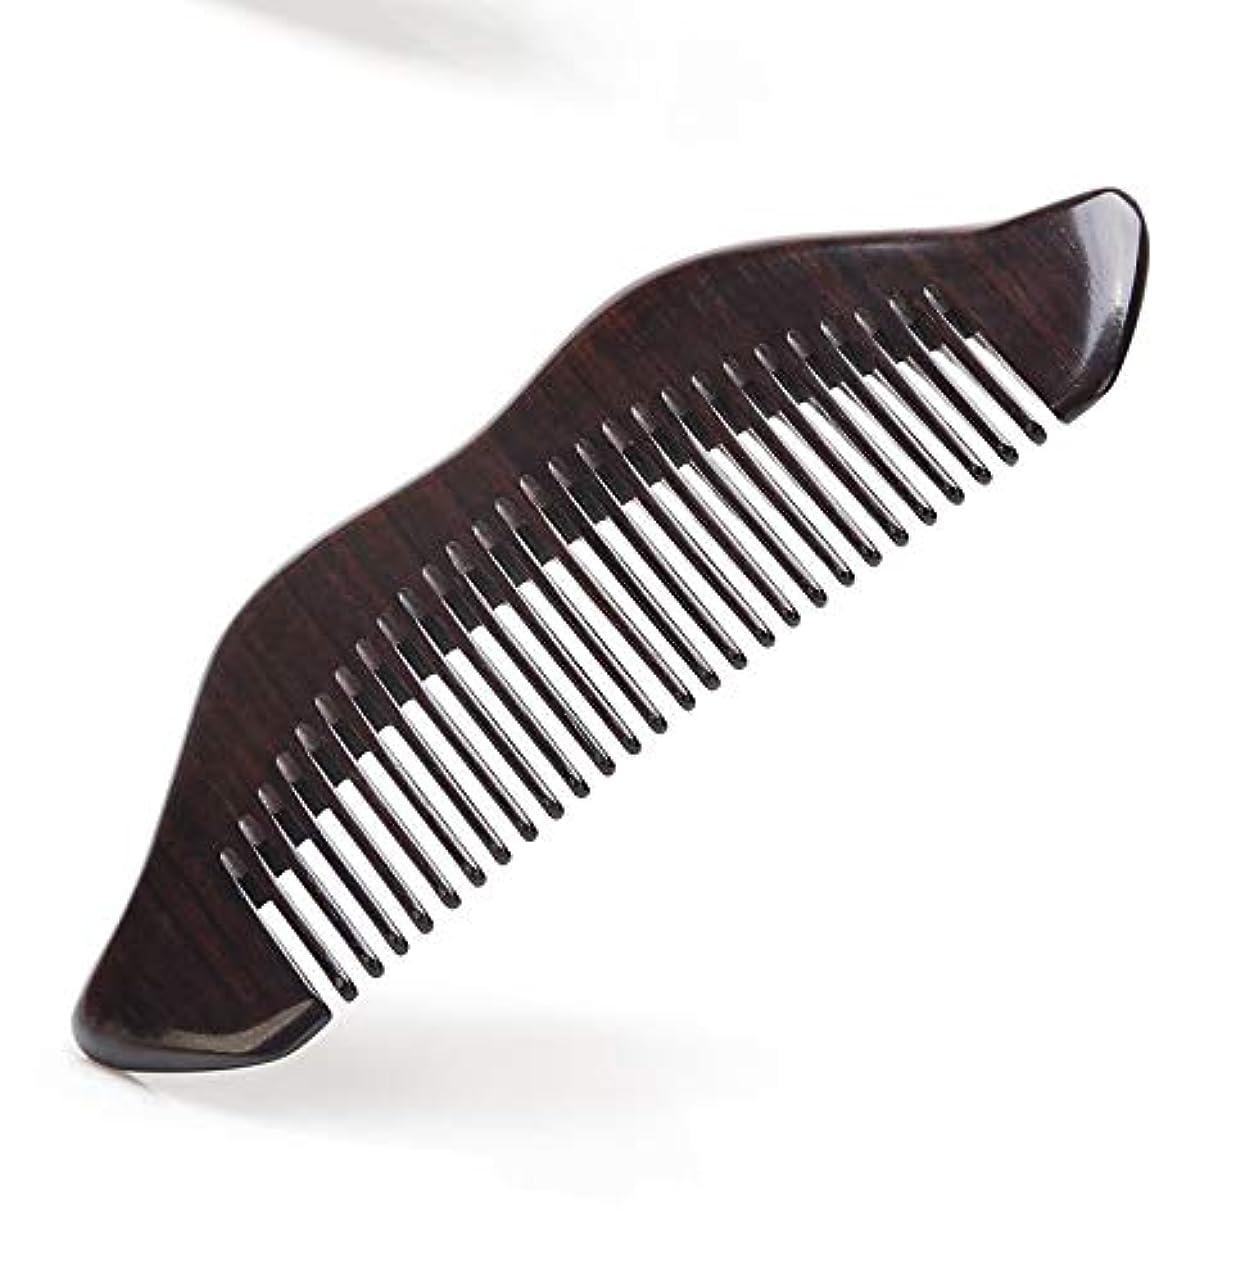 作業革命的パイプ新しい携帯用小型毛の帯電防止良い歯の櫛/黒檀の櫛 ヘアケア (色 : 黒)